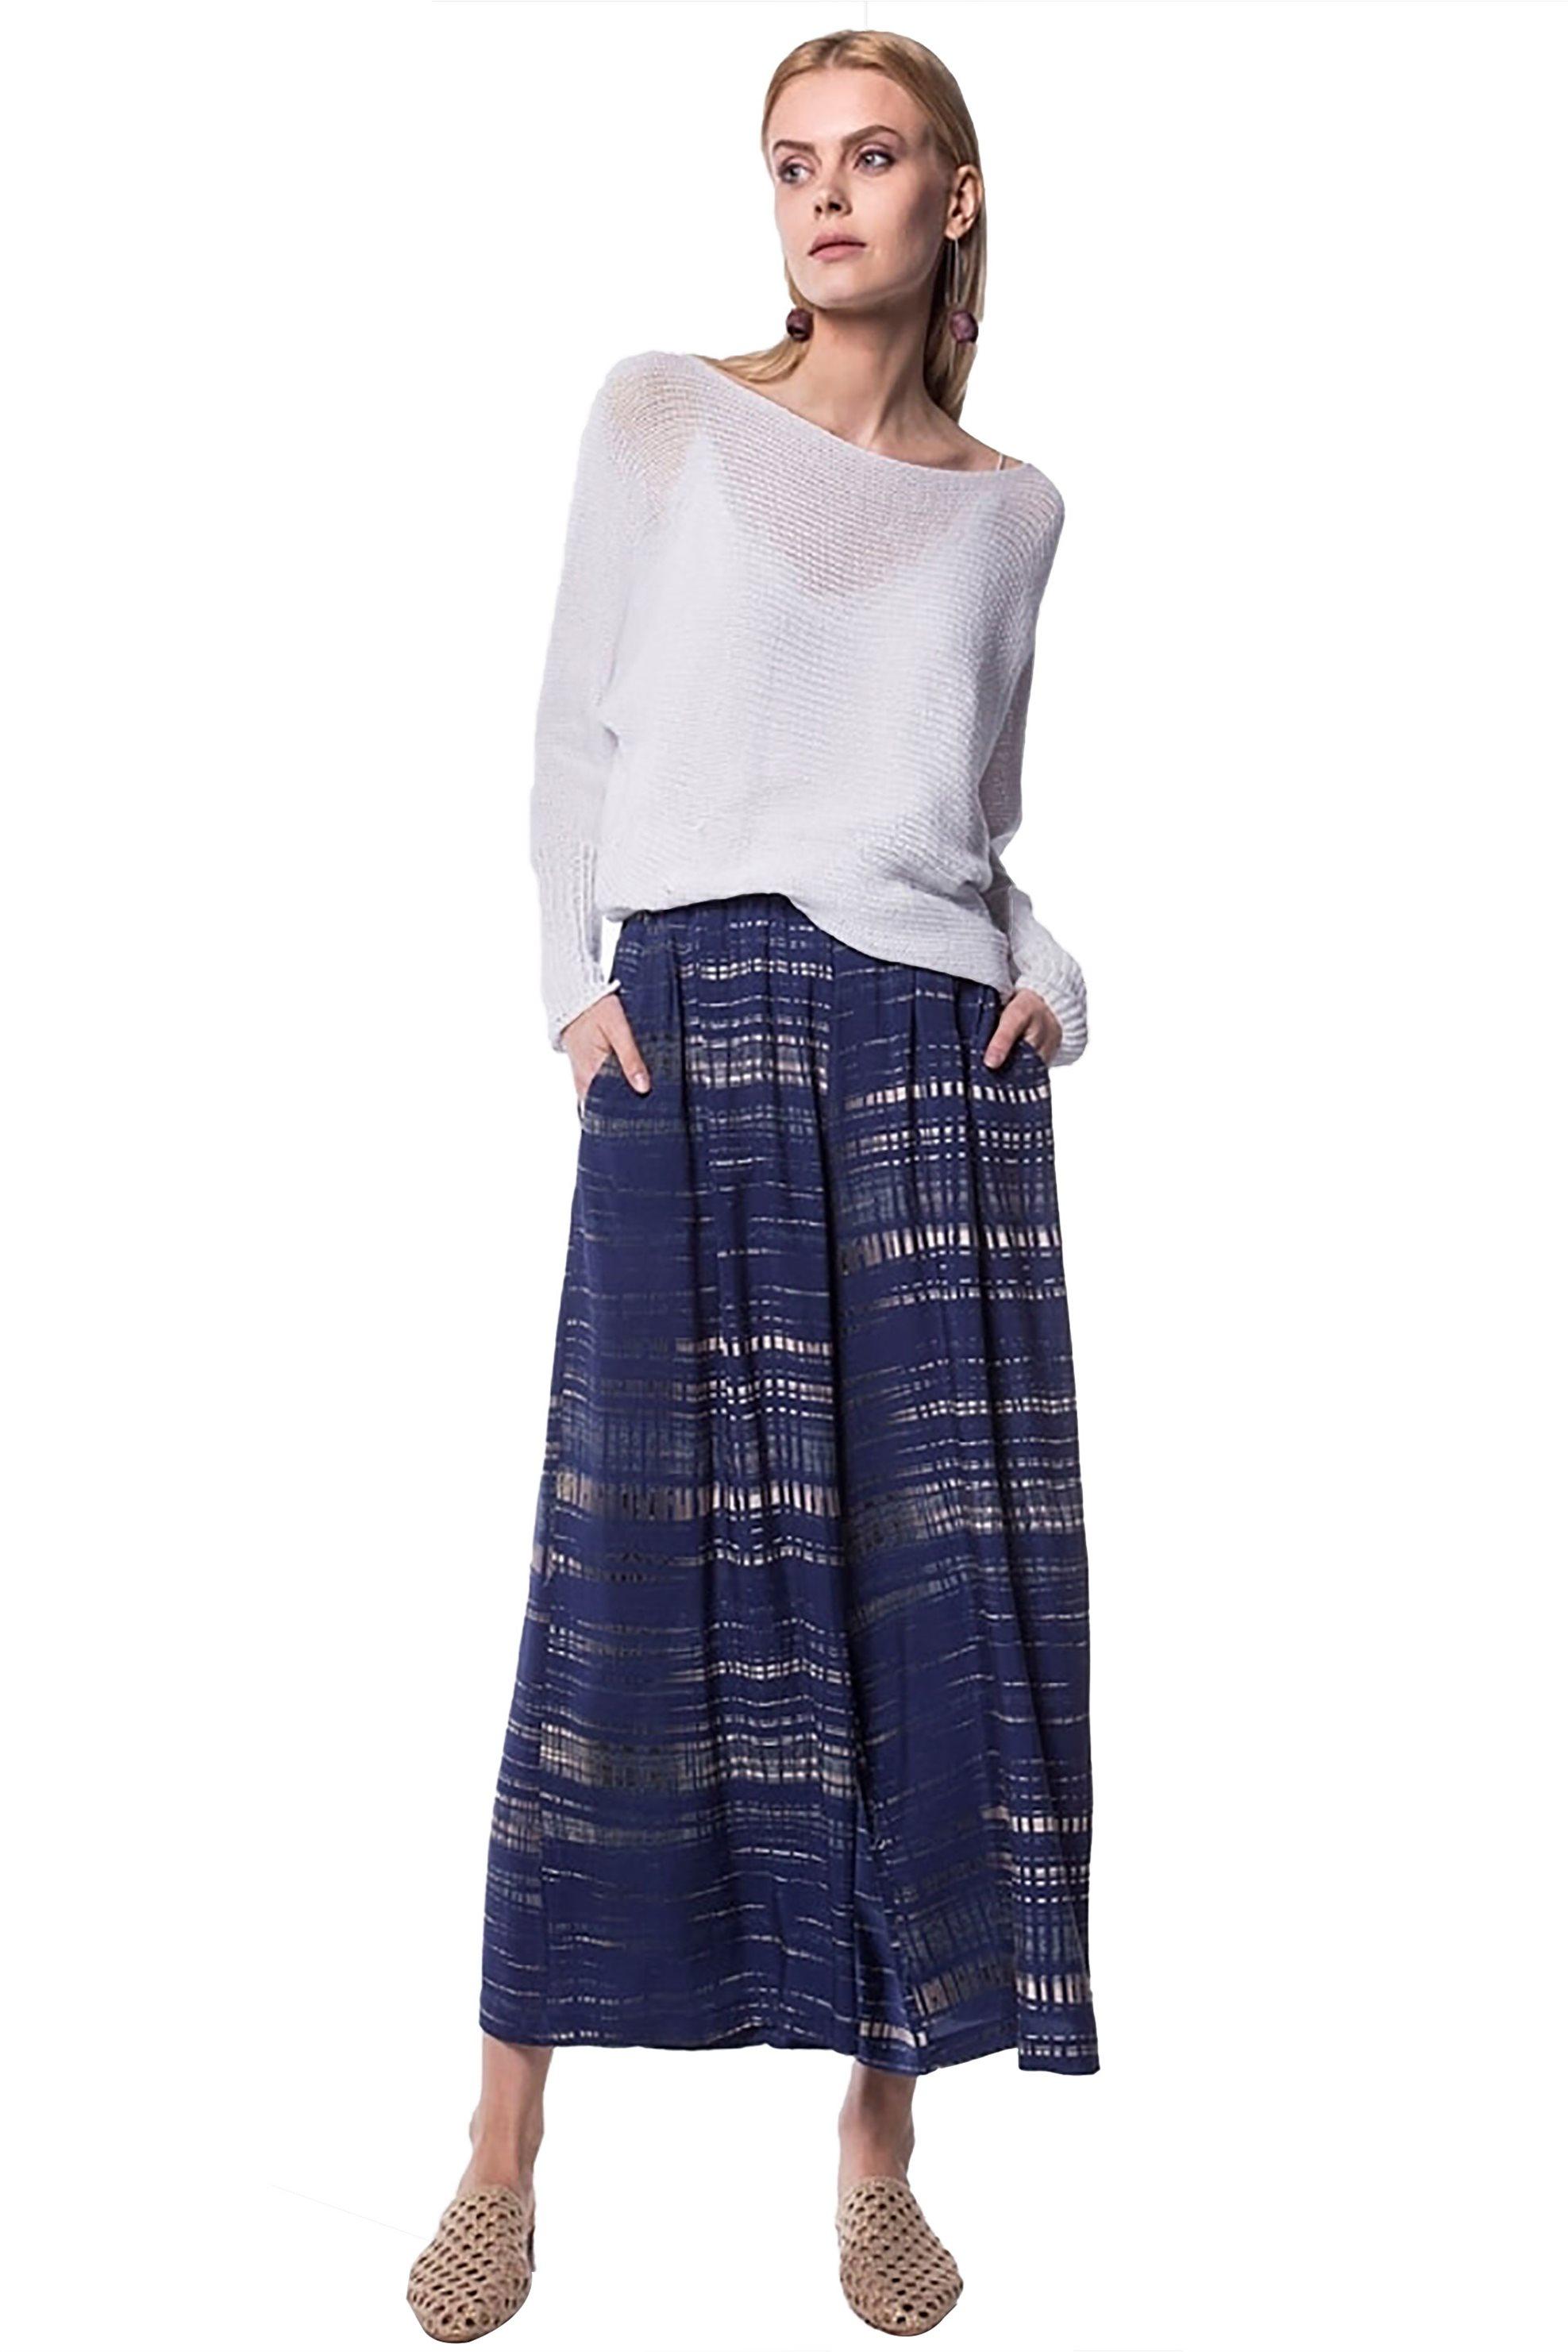 Γυναικεία παντελόνα ψηλόμεση με λάστιχο στη μέση Helmi - 41-04-078 - Μπλε γυναικα   ρουχα   παντελόνια   παντελόνες